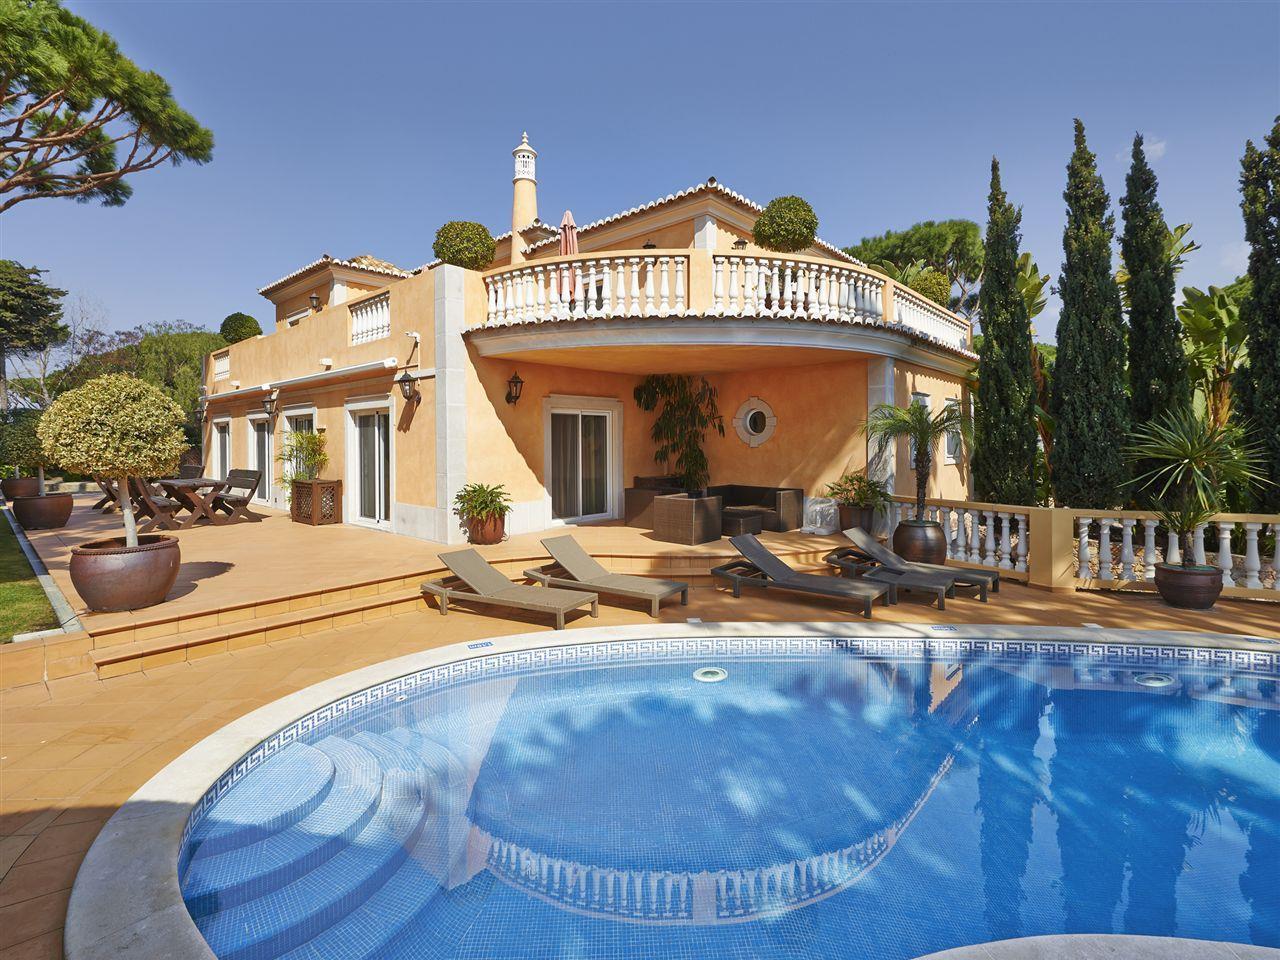 단독 가정 주택 용 매매 에 Detached house, 4 bedrooms, for Sale Loule, Algarve 포르투갈